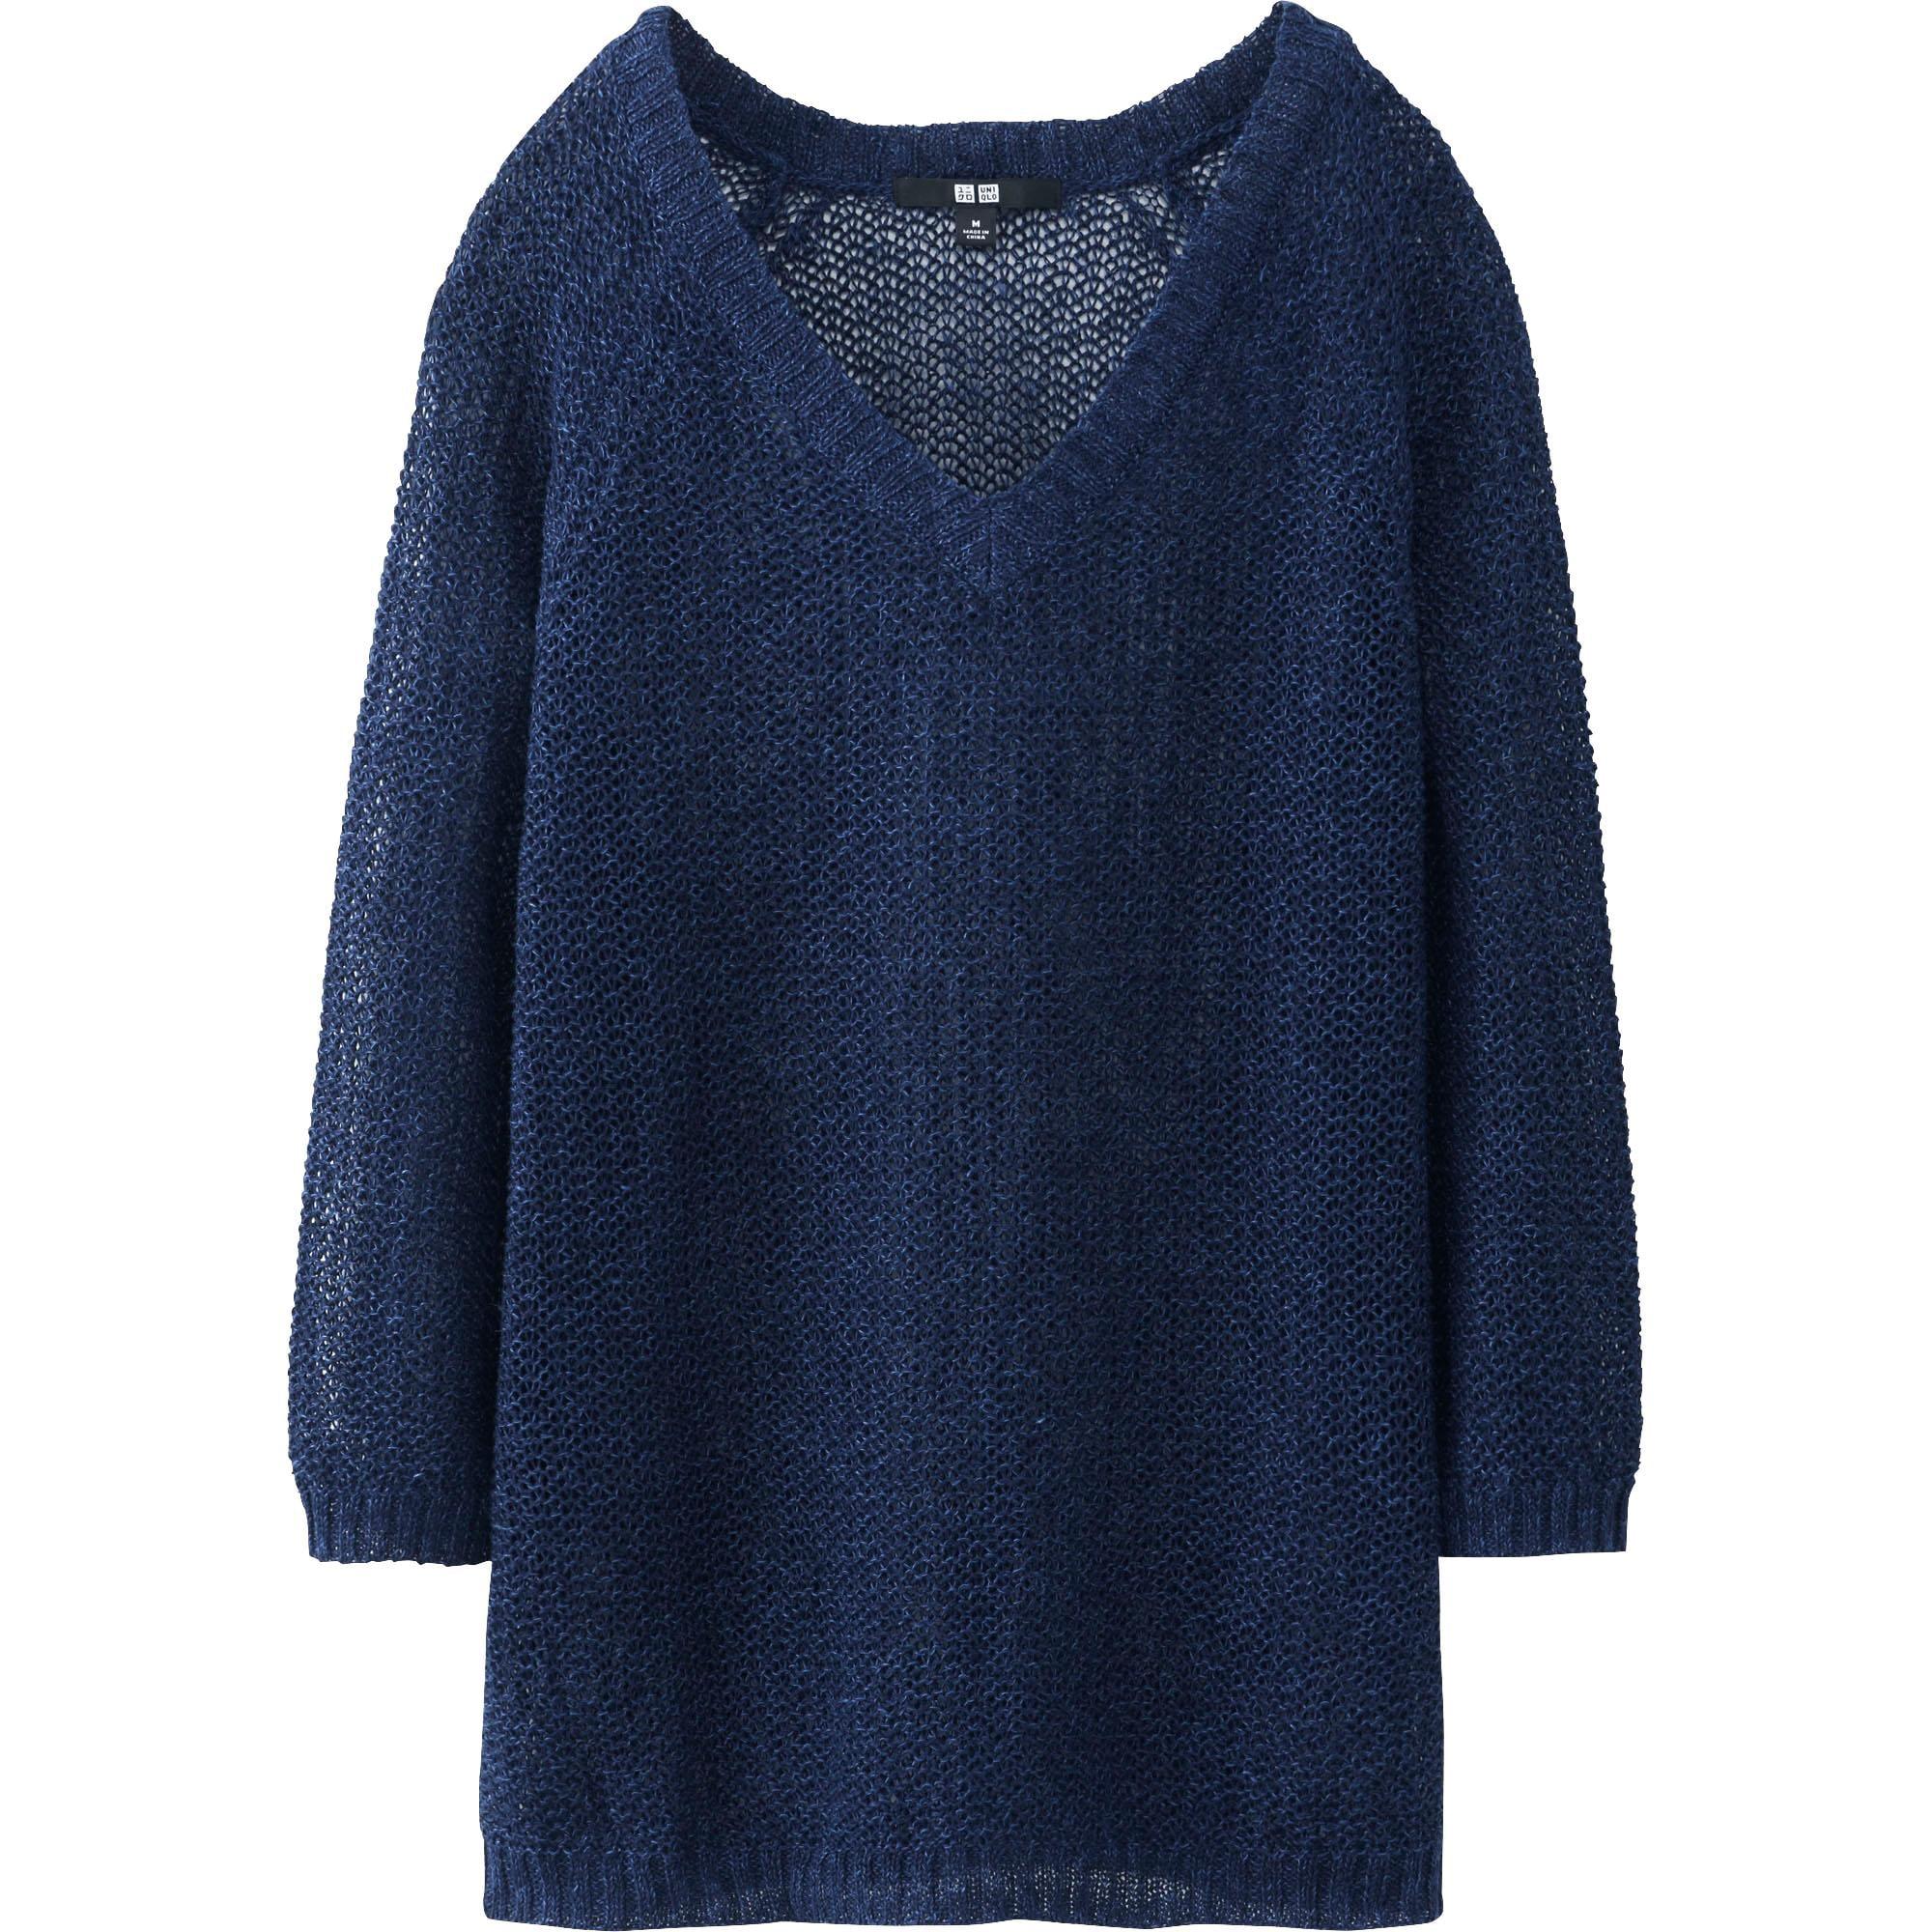 Uniqlo Linen Sweater